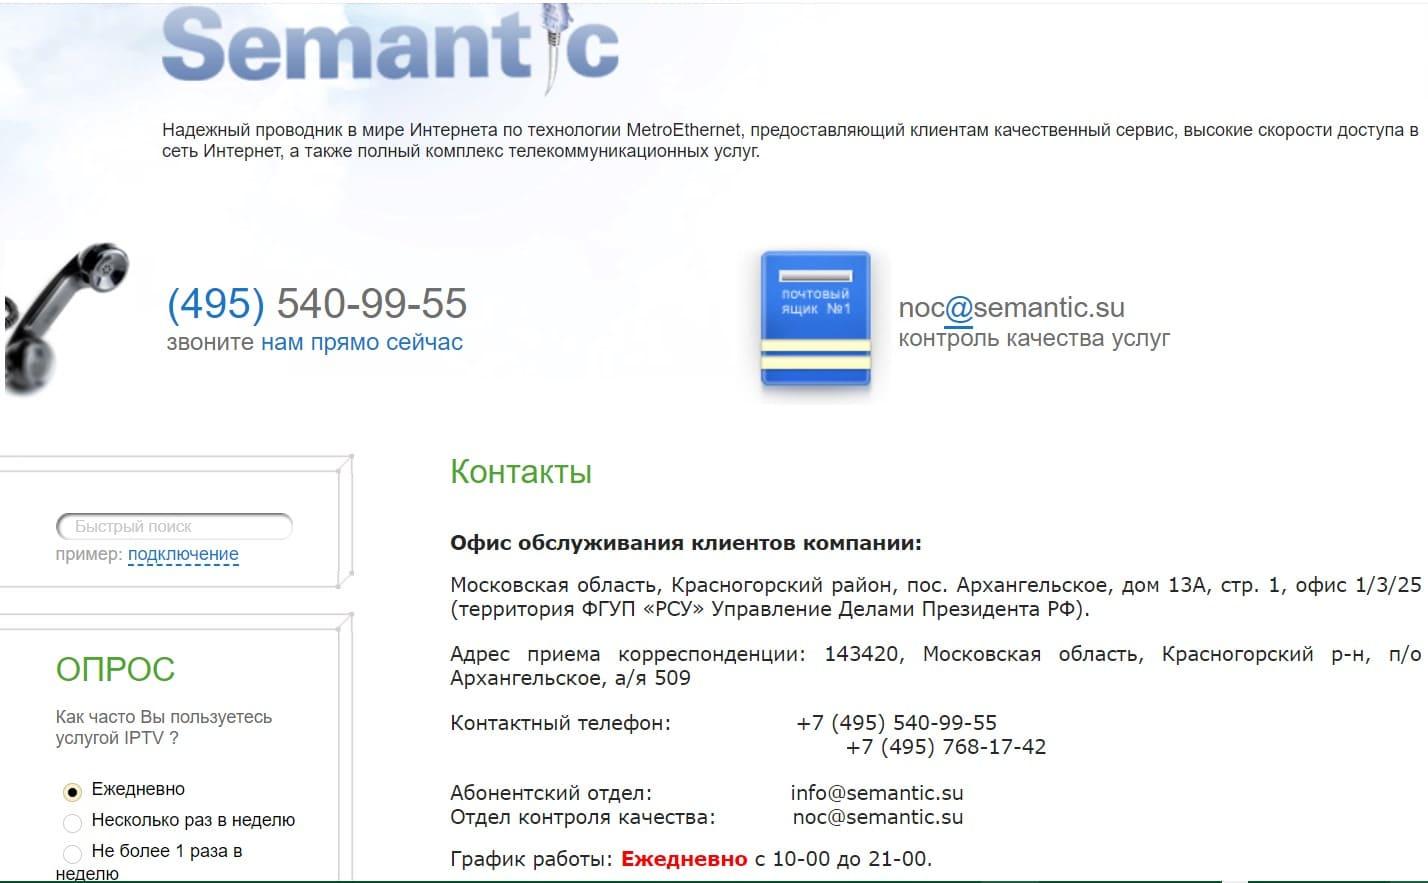 Семантик интернет личный кабинет